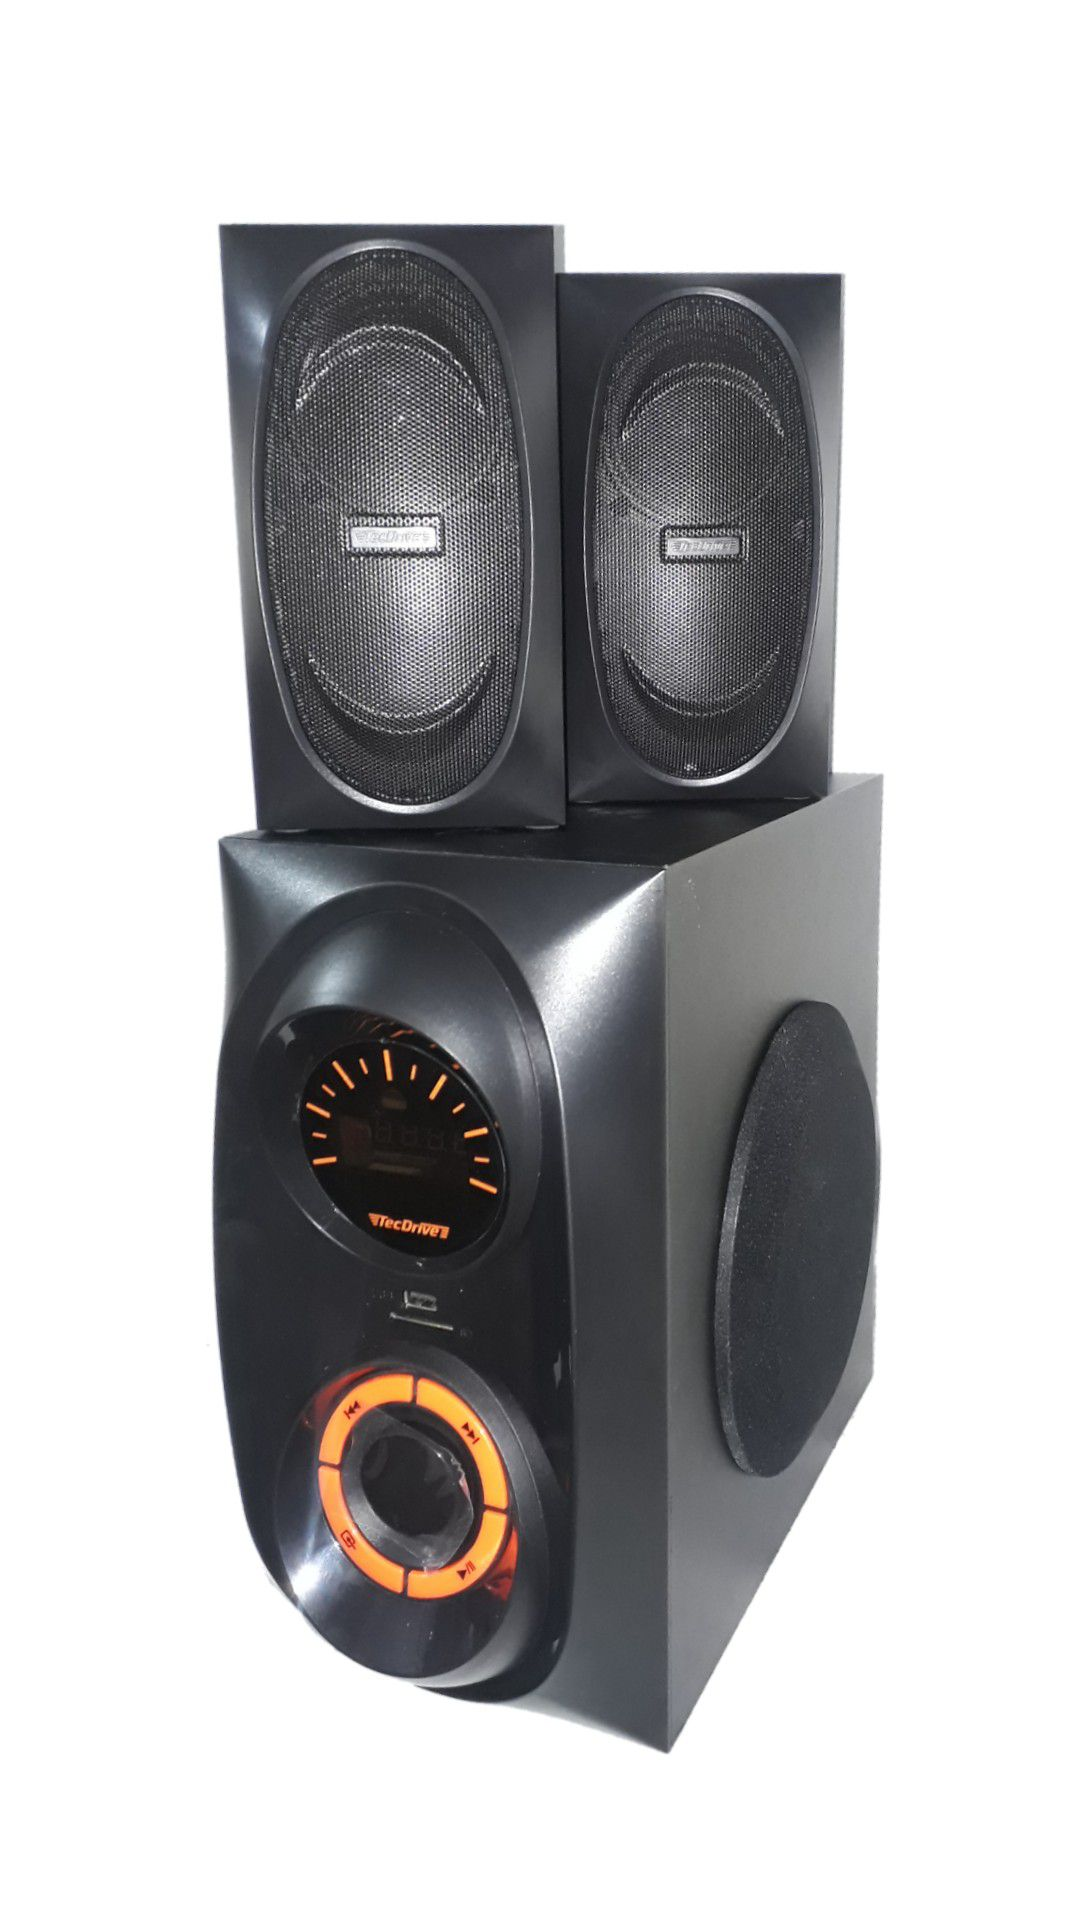 CAIXA AMPLIFICADA TECDRIVE TEC-SUB200 USB/BLUE/FM CONTROLE